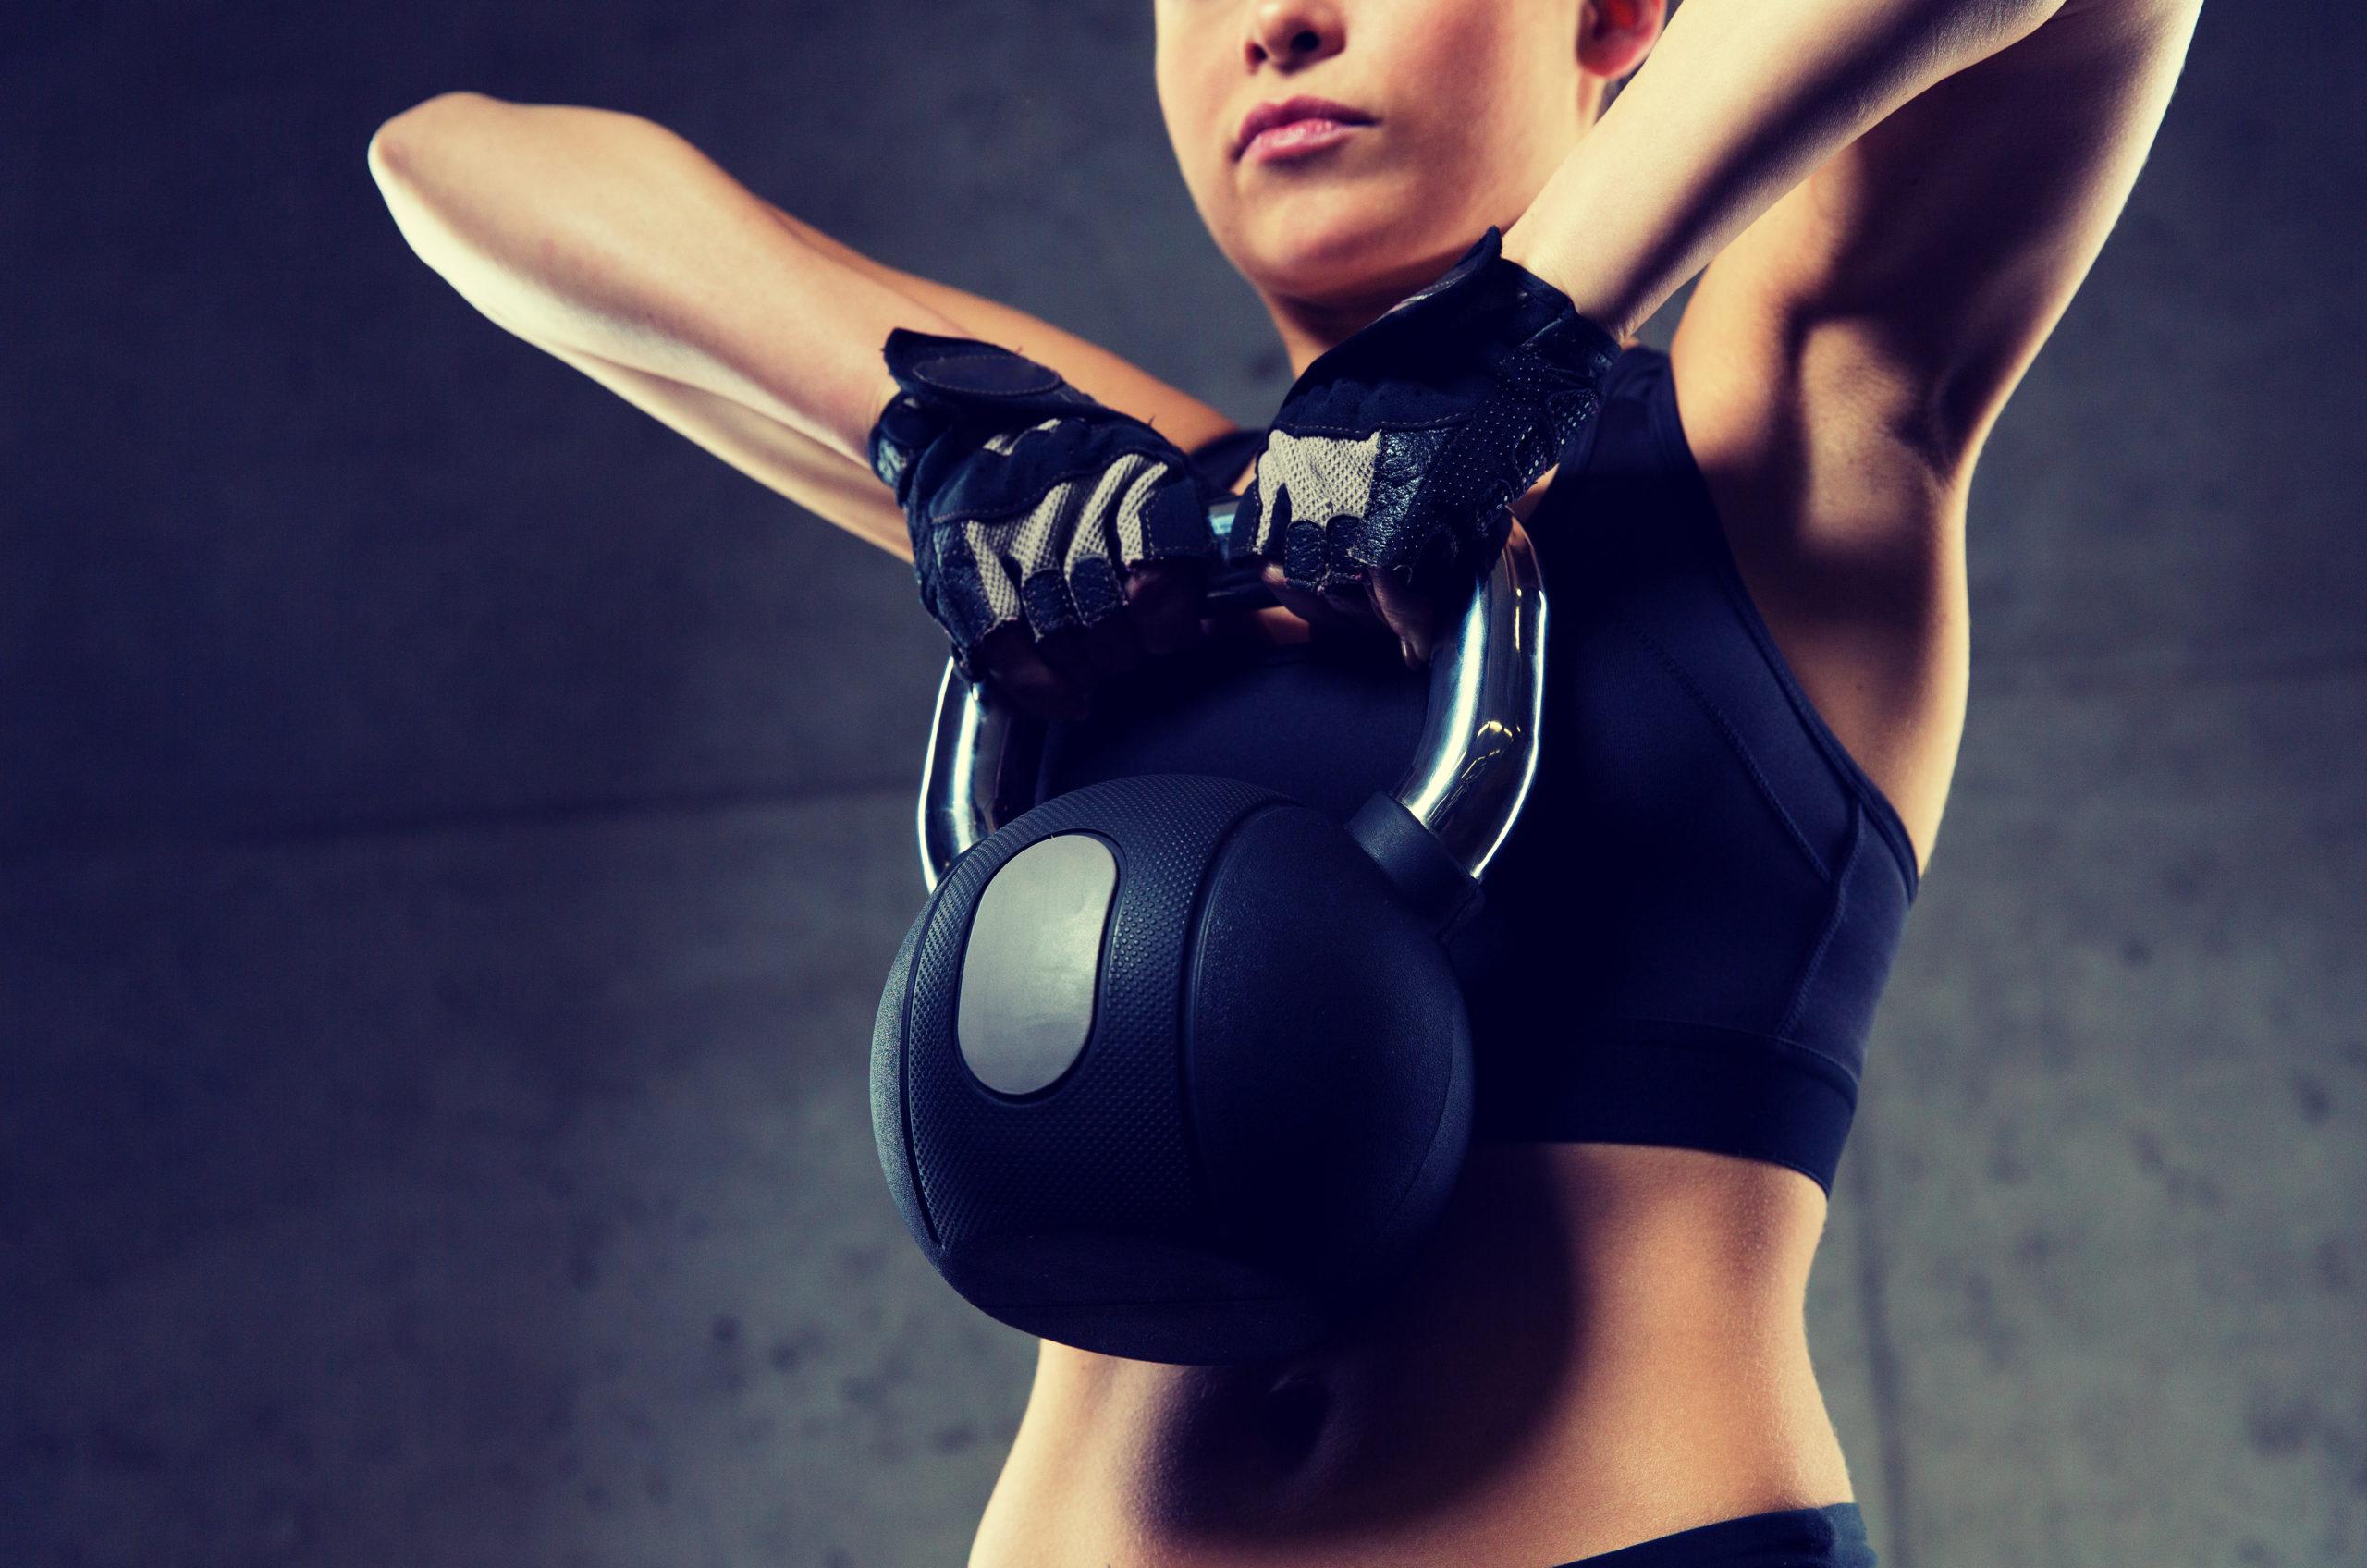 Por qué la kettlebell es la mejor aliada para tu entrenamiento y cómo usarla.